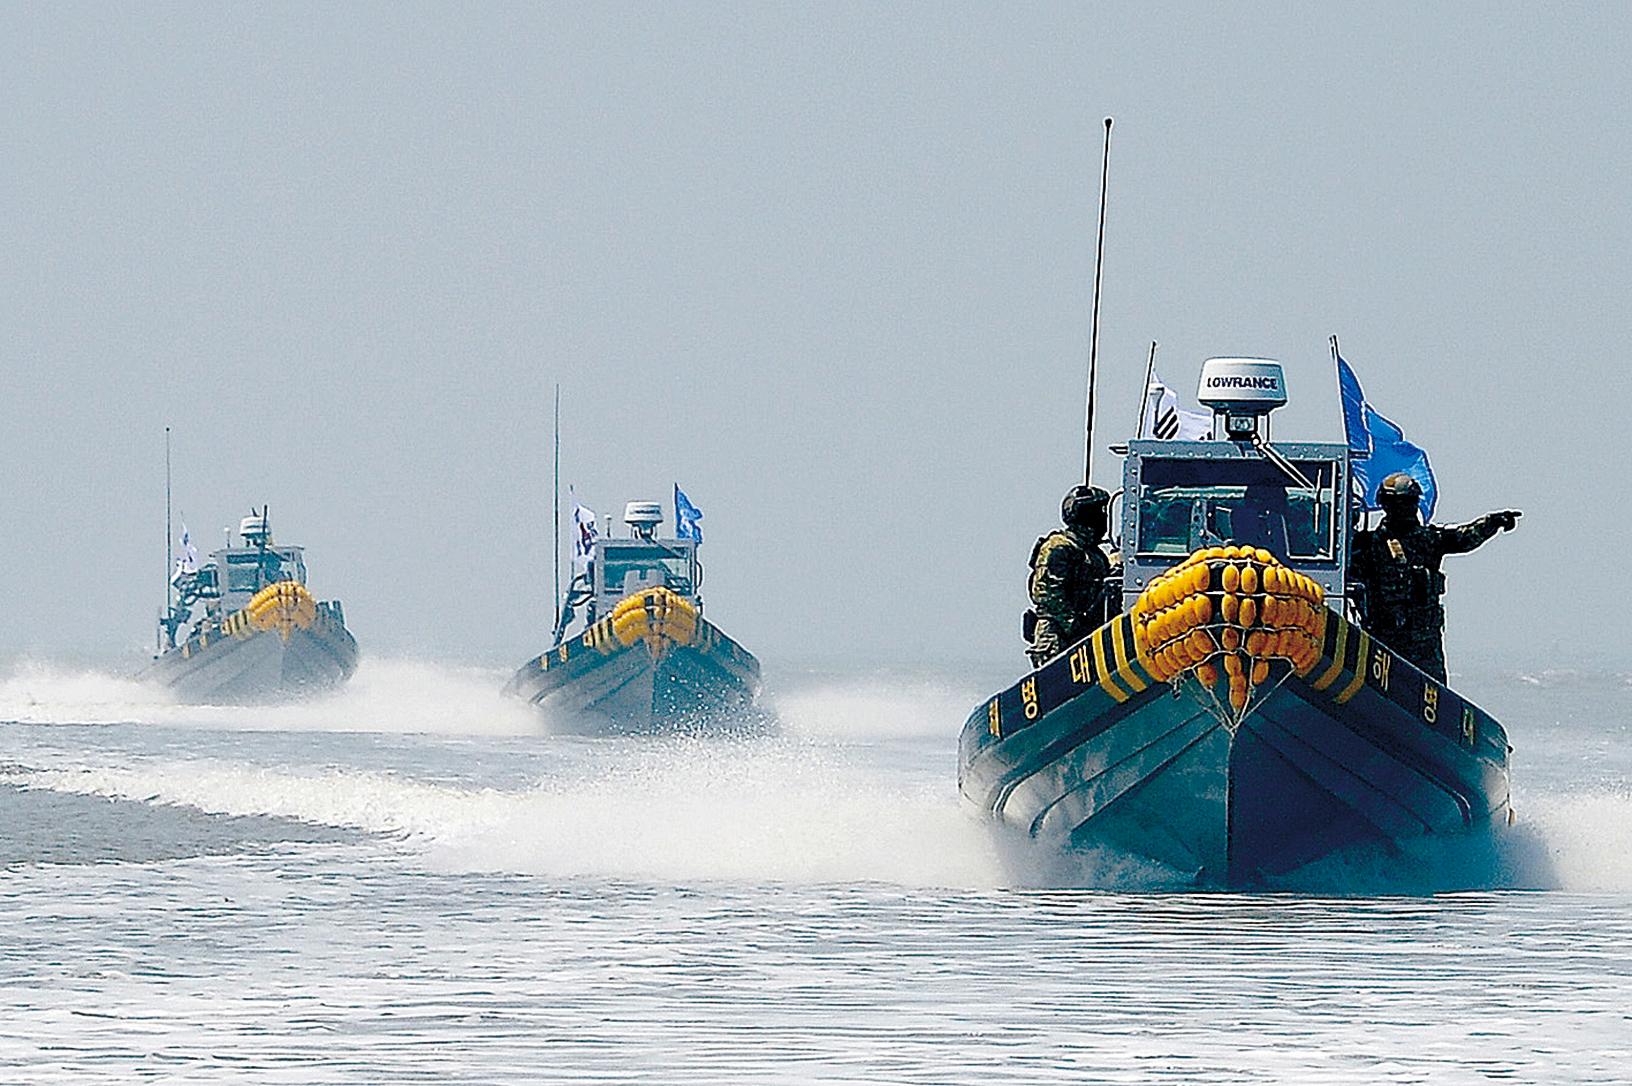 韓聯社發表評論稱,黃海已成為真正的戰場,中國船員暴力抗法與韓國海警從嚴執法形成惡性循環,但兩國政府目前的外交解決手段基本無濟於事。(AFP)